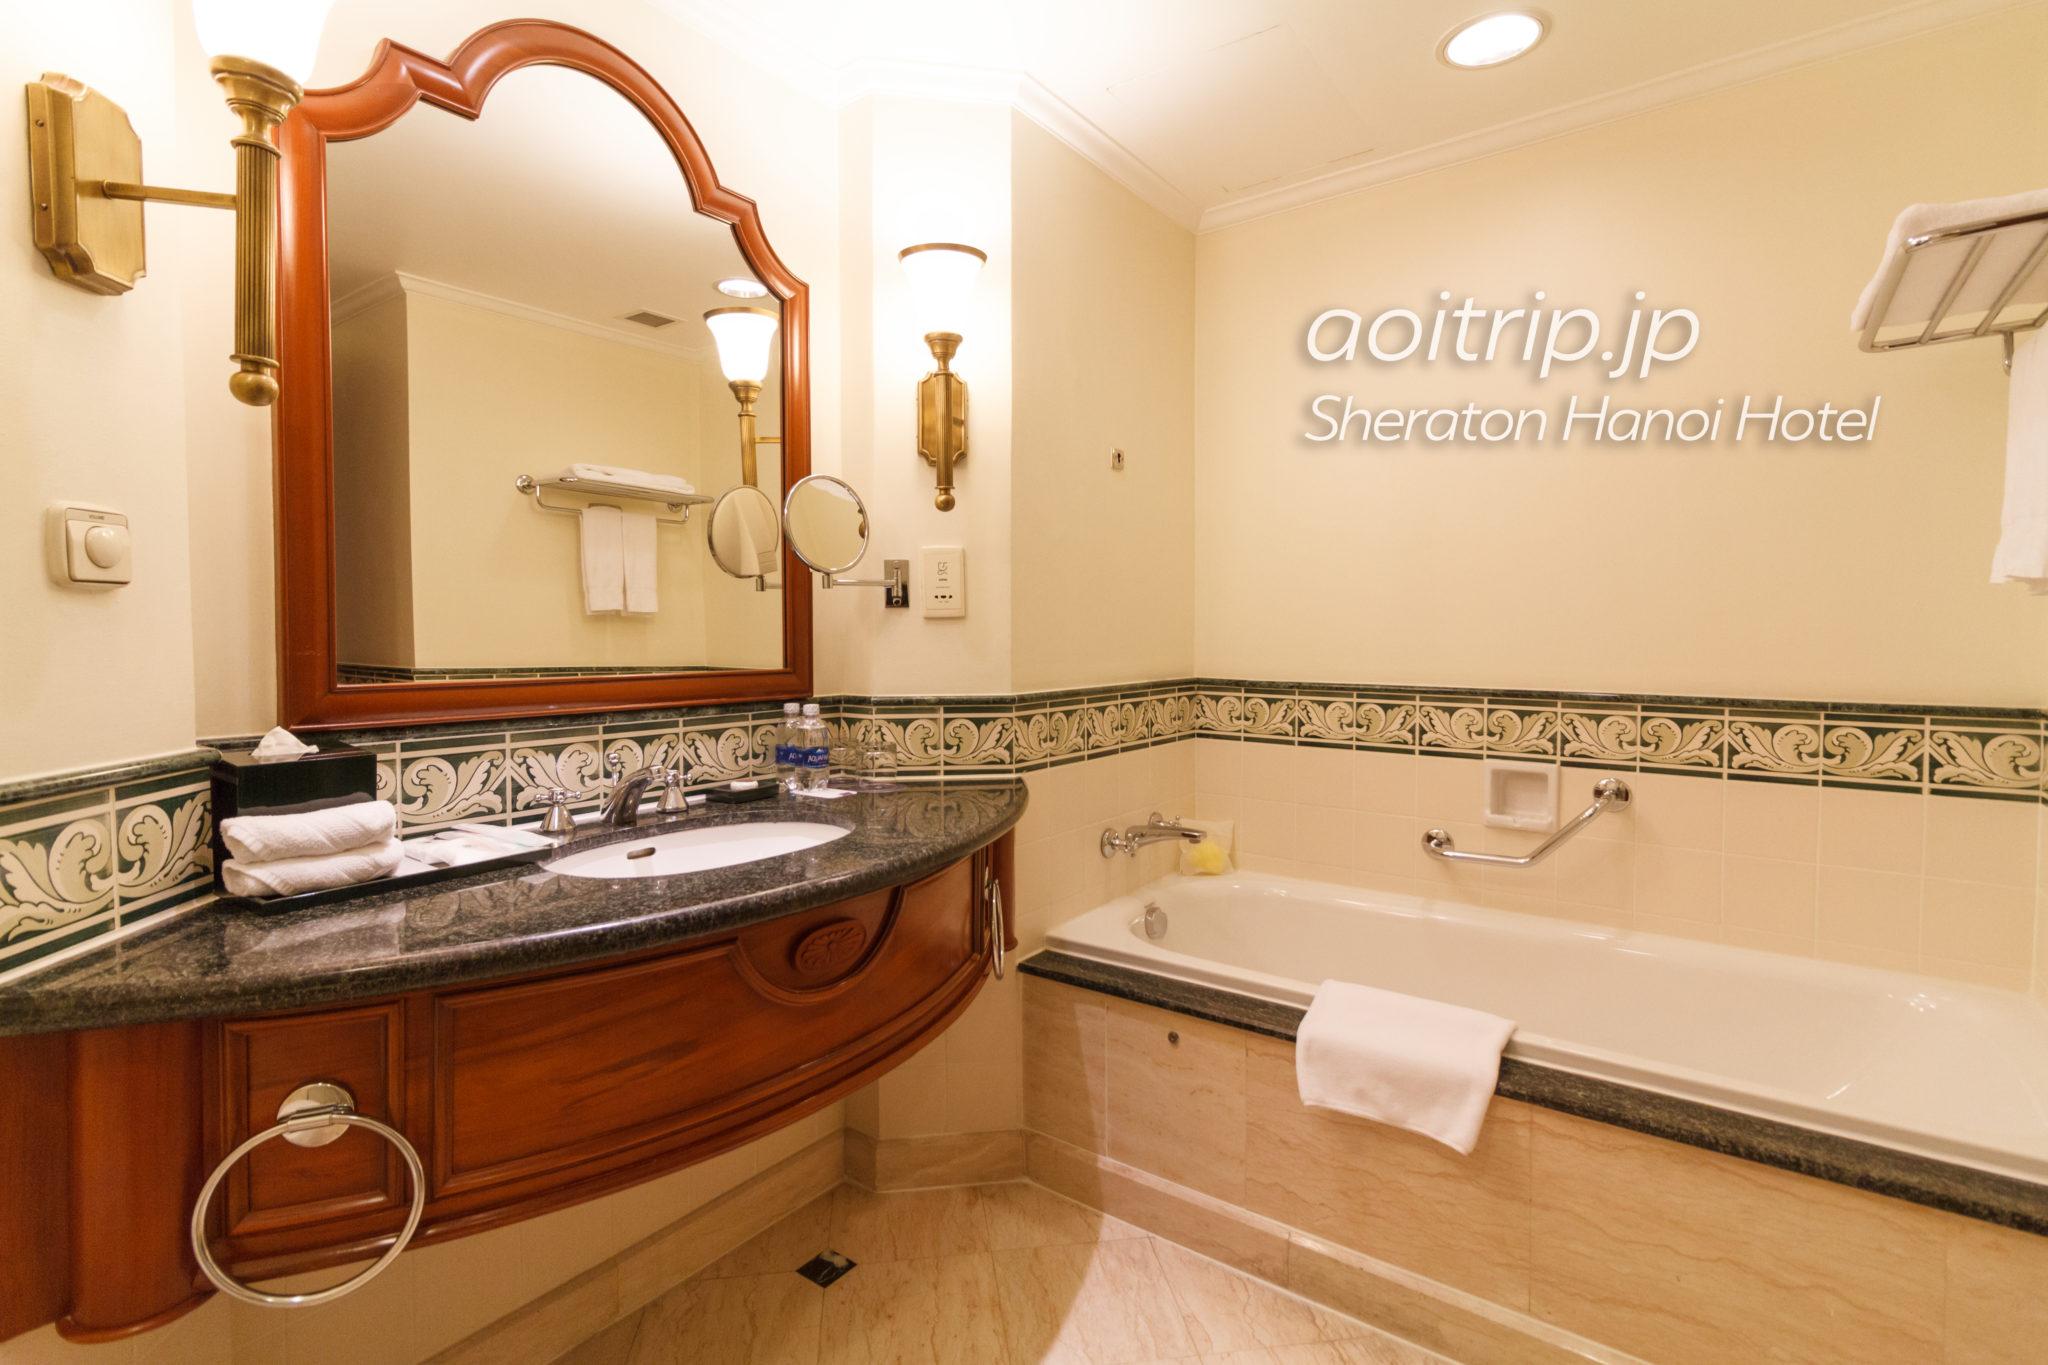 シェラトンハノイホテルのバスルーム